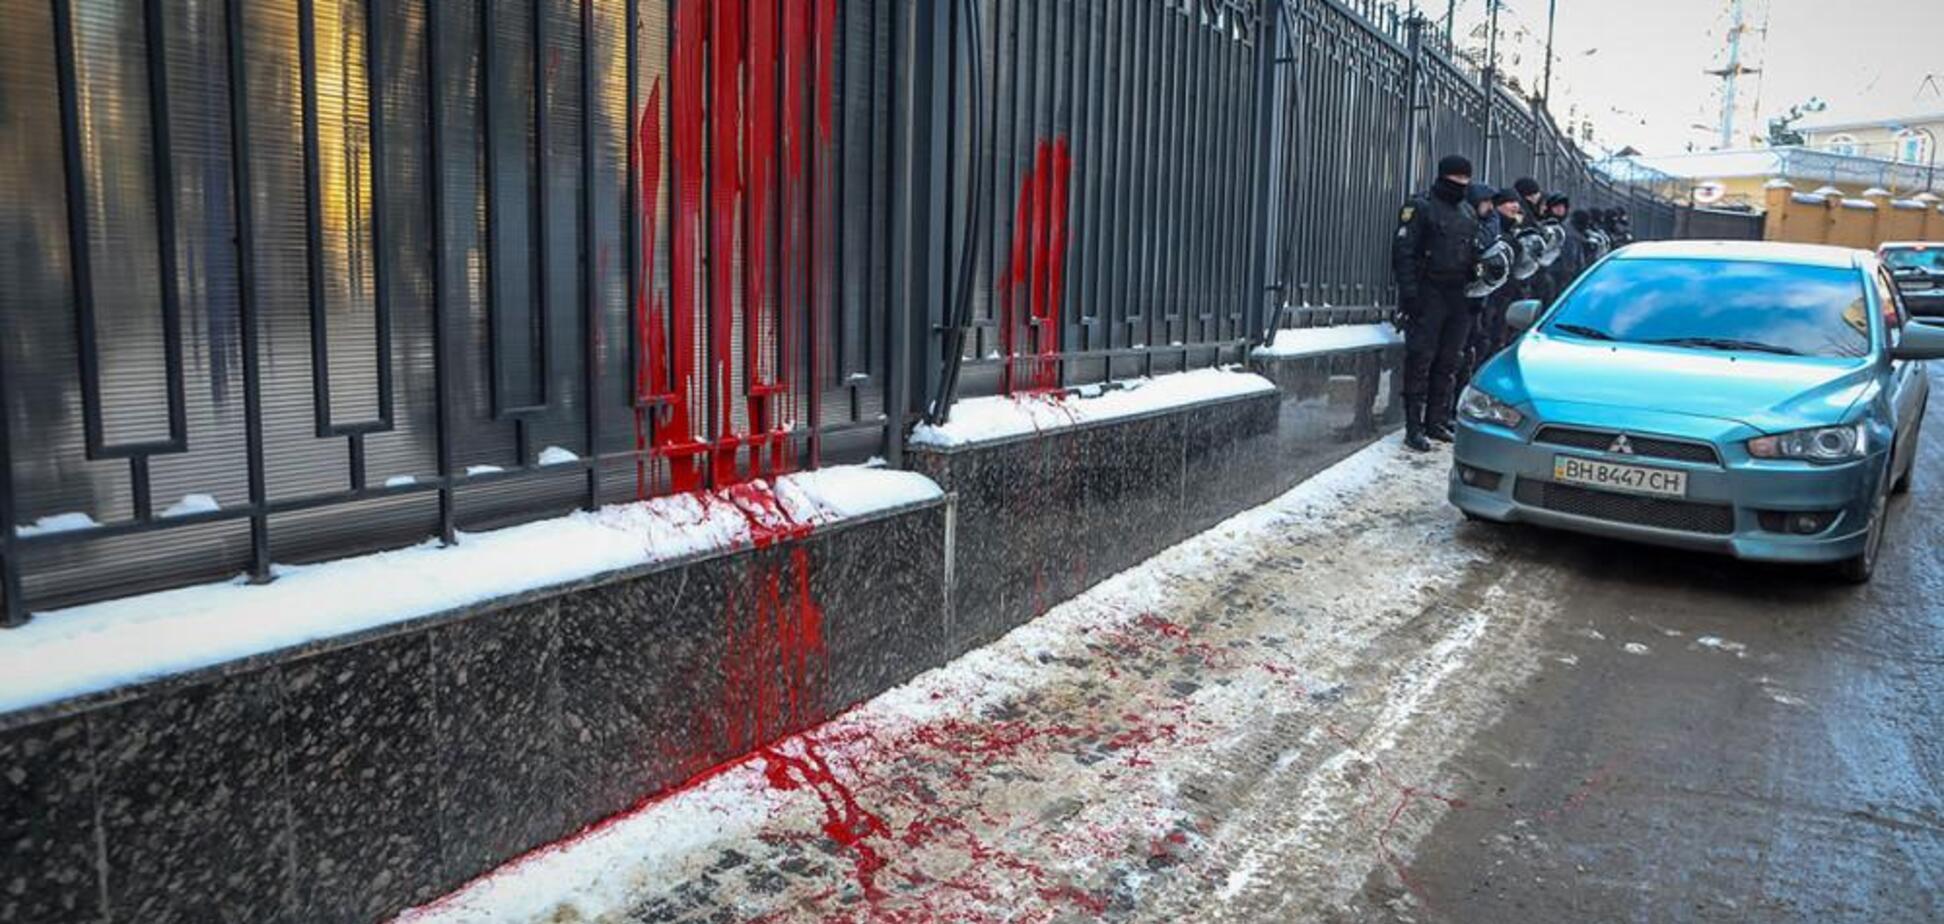 Консульство России в Одессе забросали файерами и залили 'кровью'